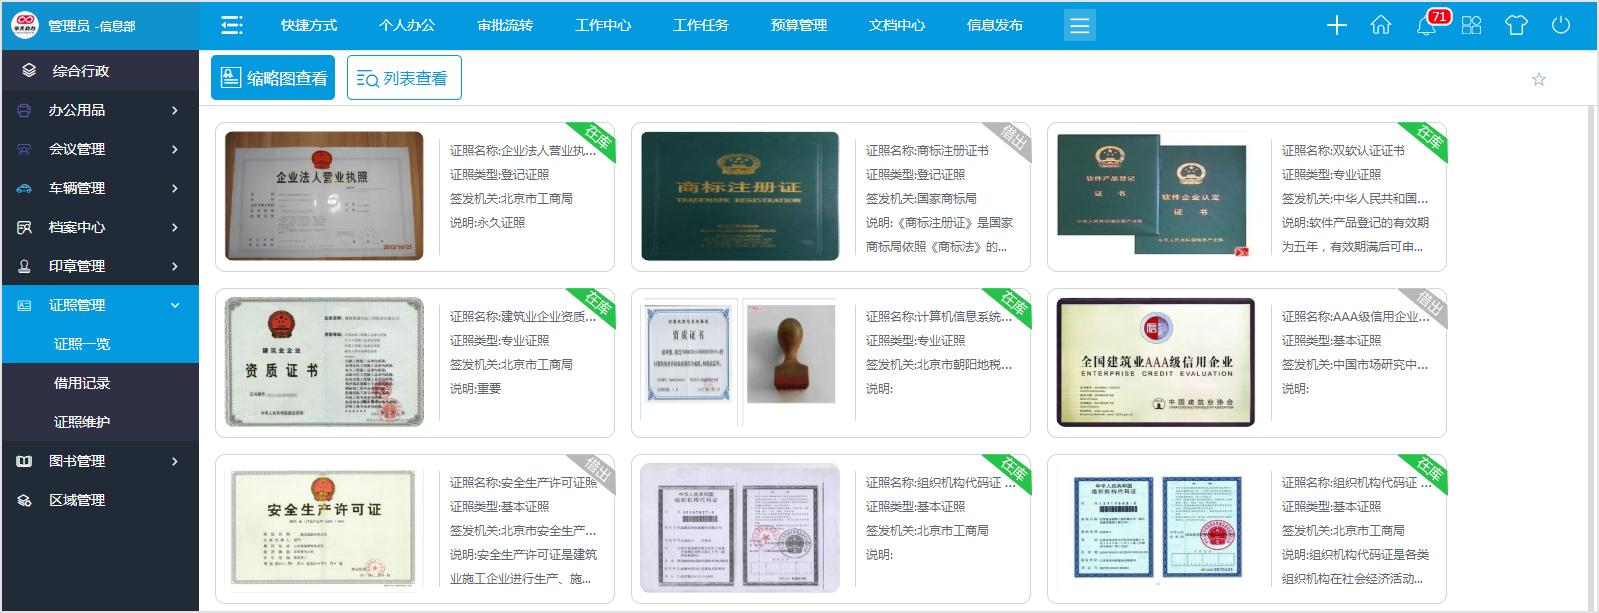 怎么用OA系统管好企业证照?